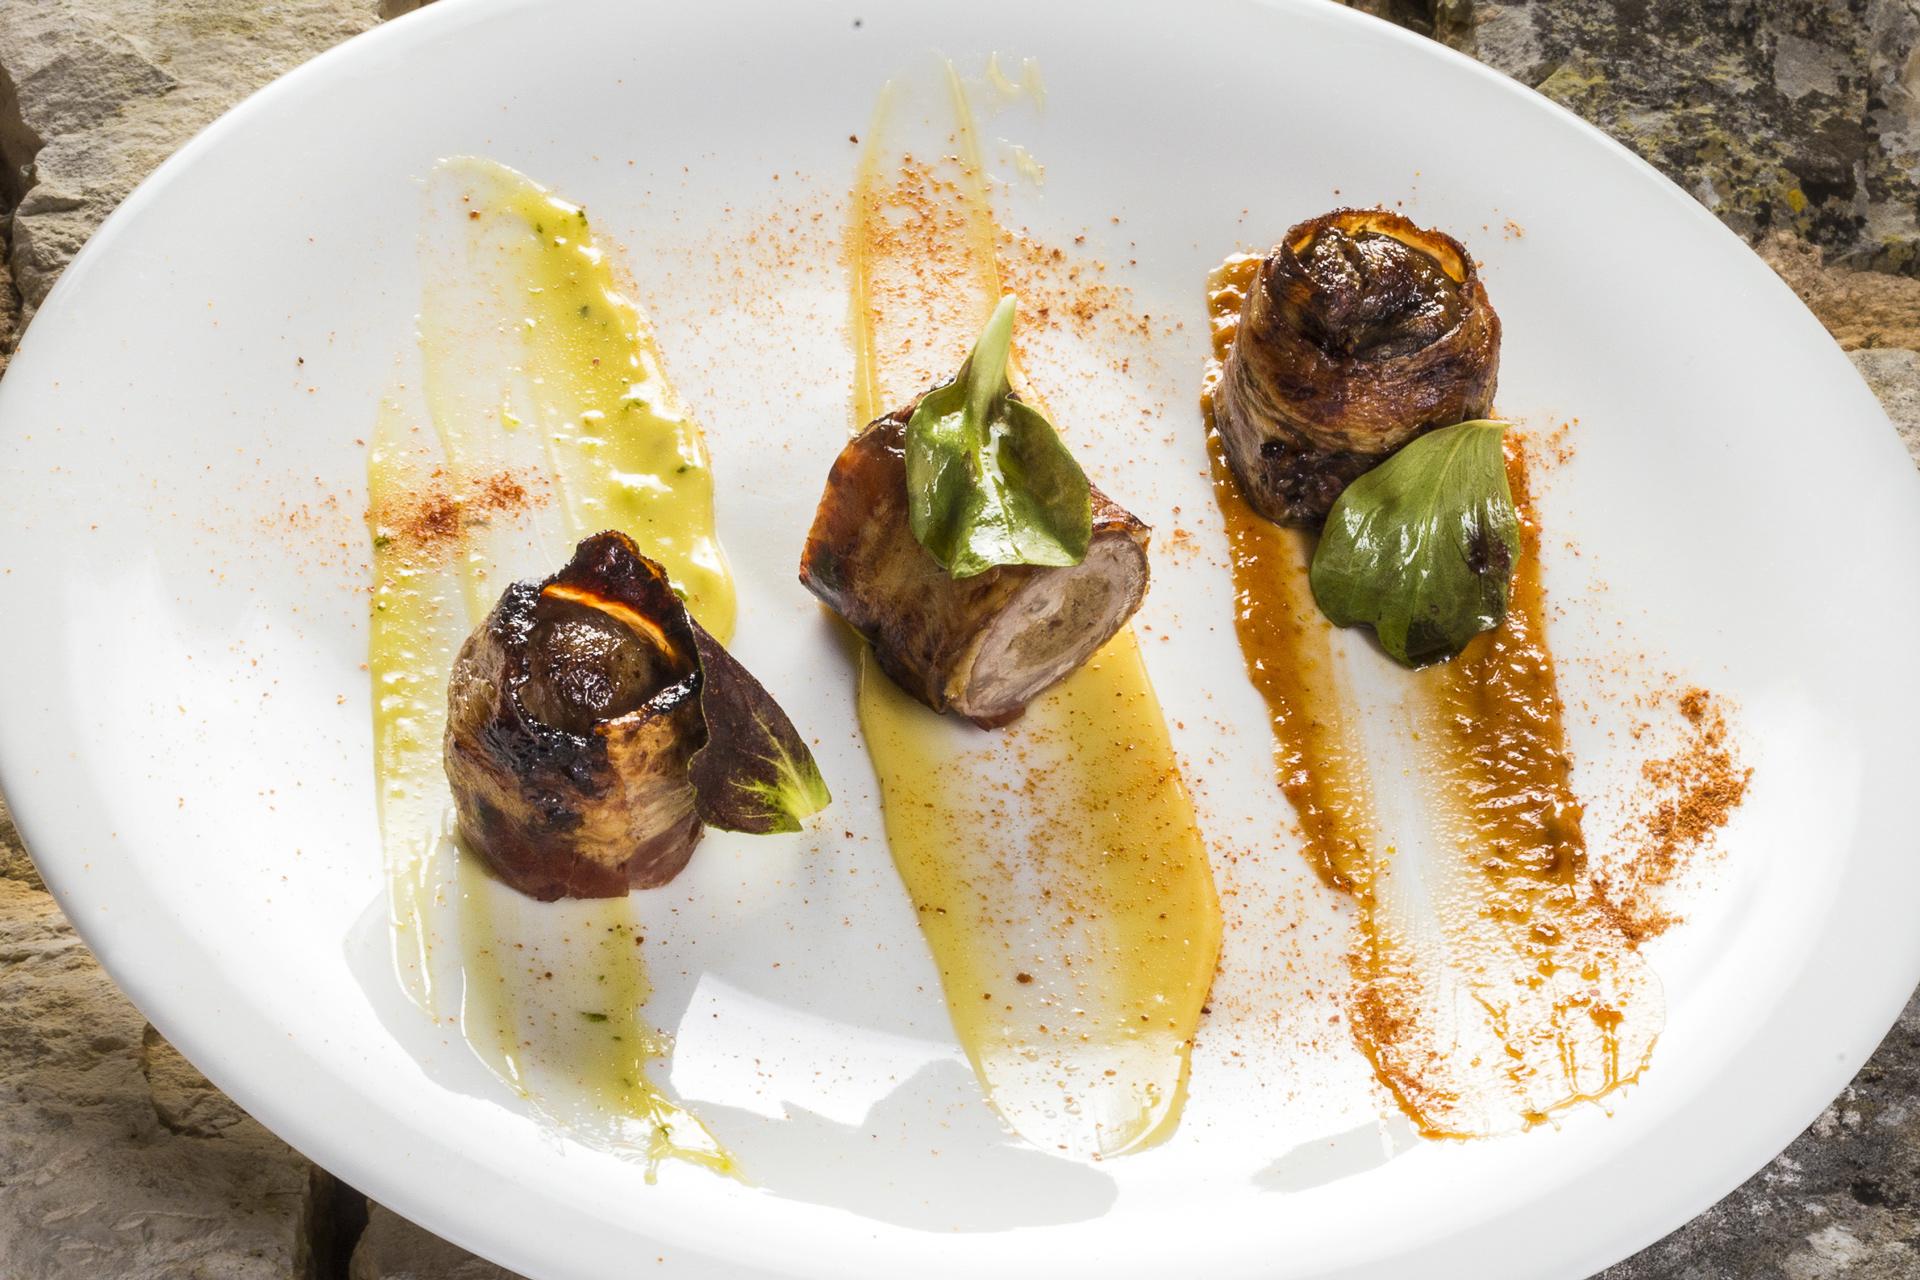 Rotolo di manzo con farcia ai funghi porcini, avvolto nel bacon alle 3 maionesi: pomodoro secco, mandorla e pesto